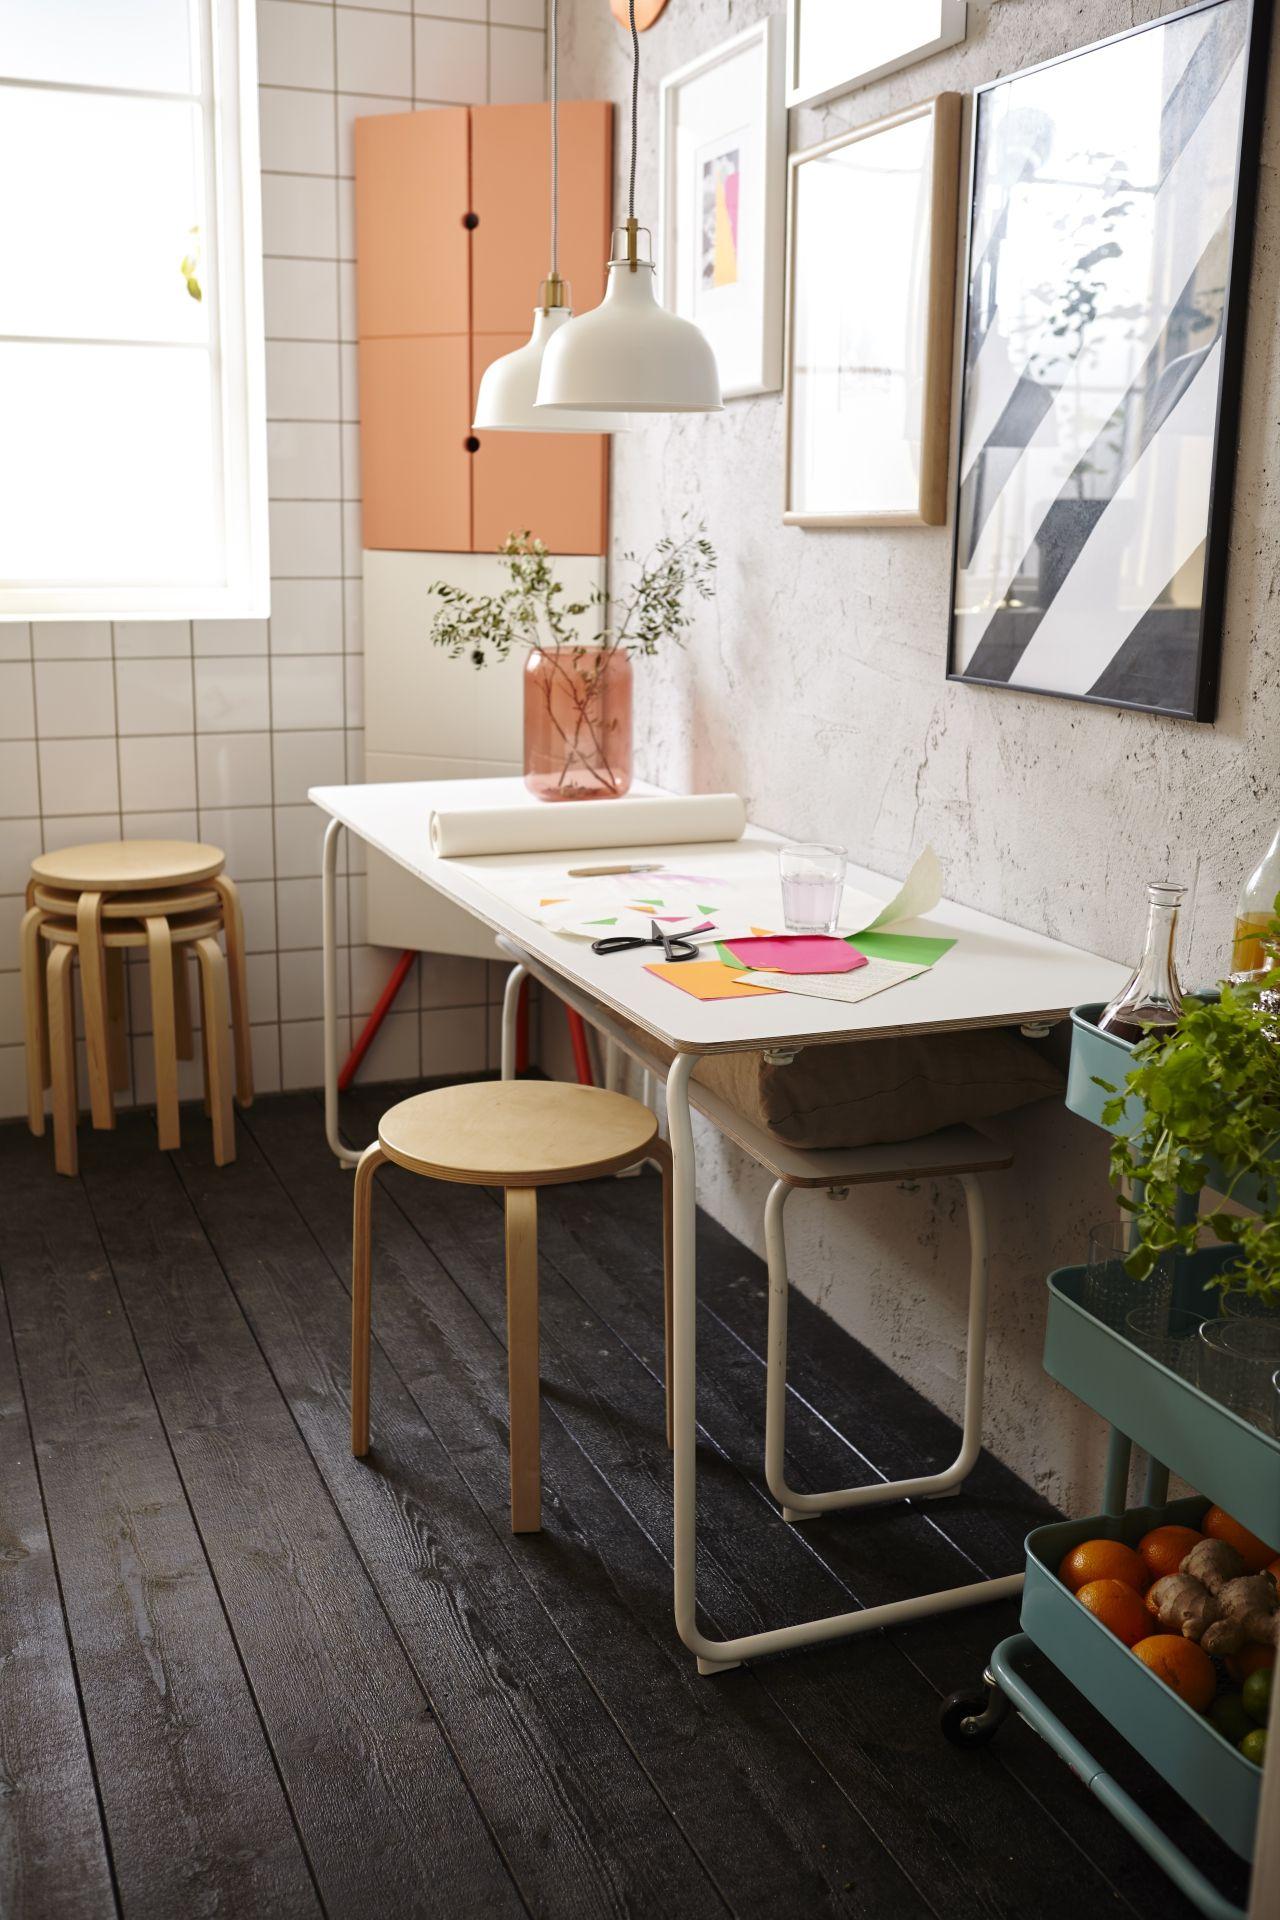 Do exterior no interior mesas cadeiras decora o ikeaportugal espa os de refei o ikea - Mesas exterior ikea ...